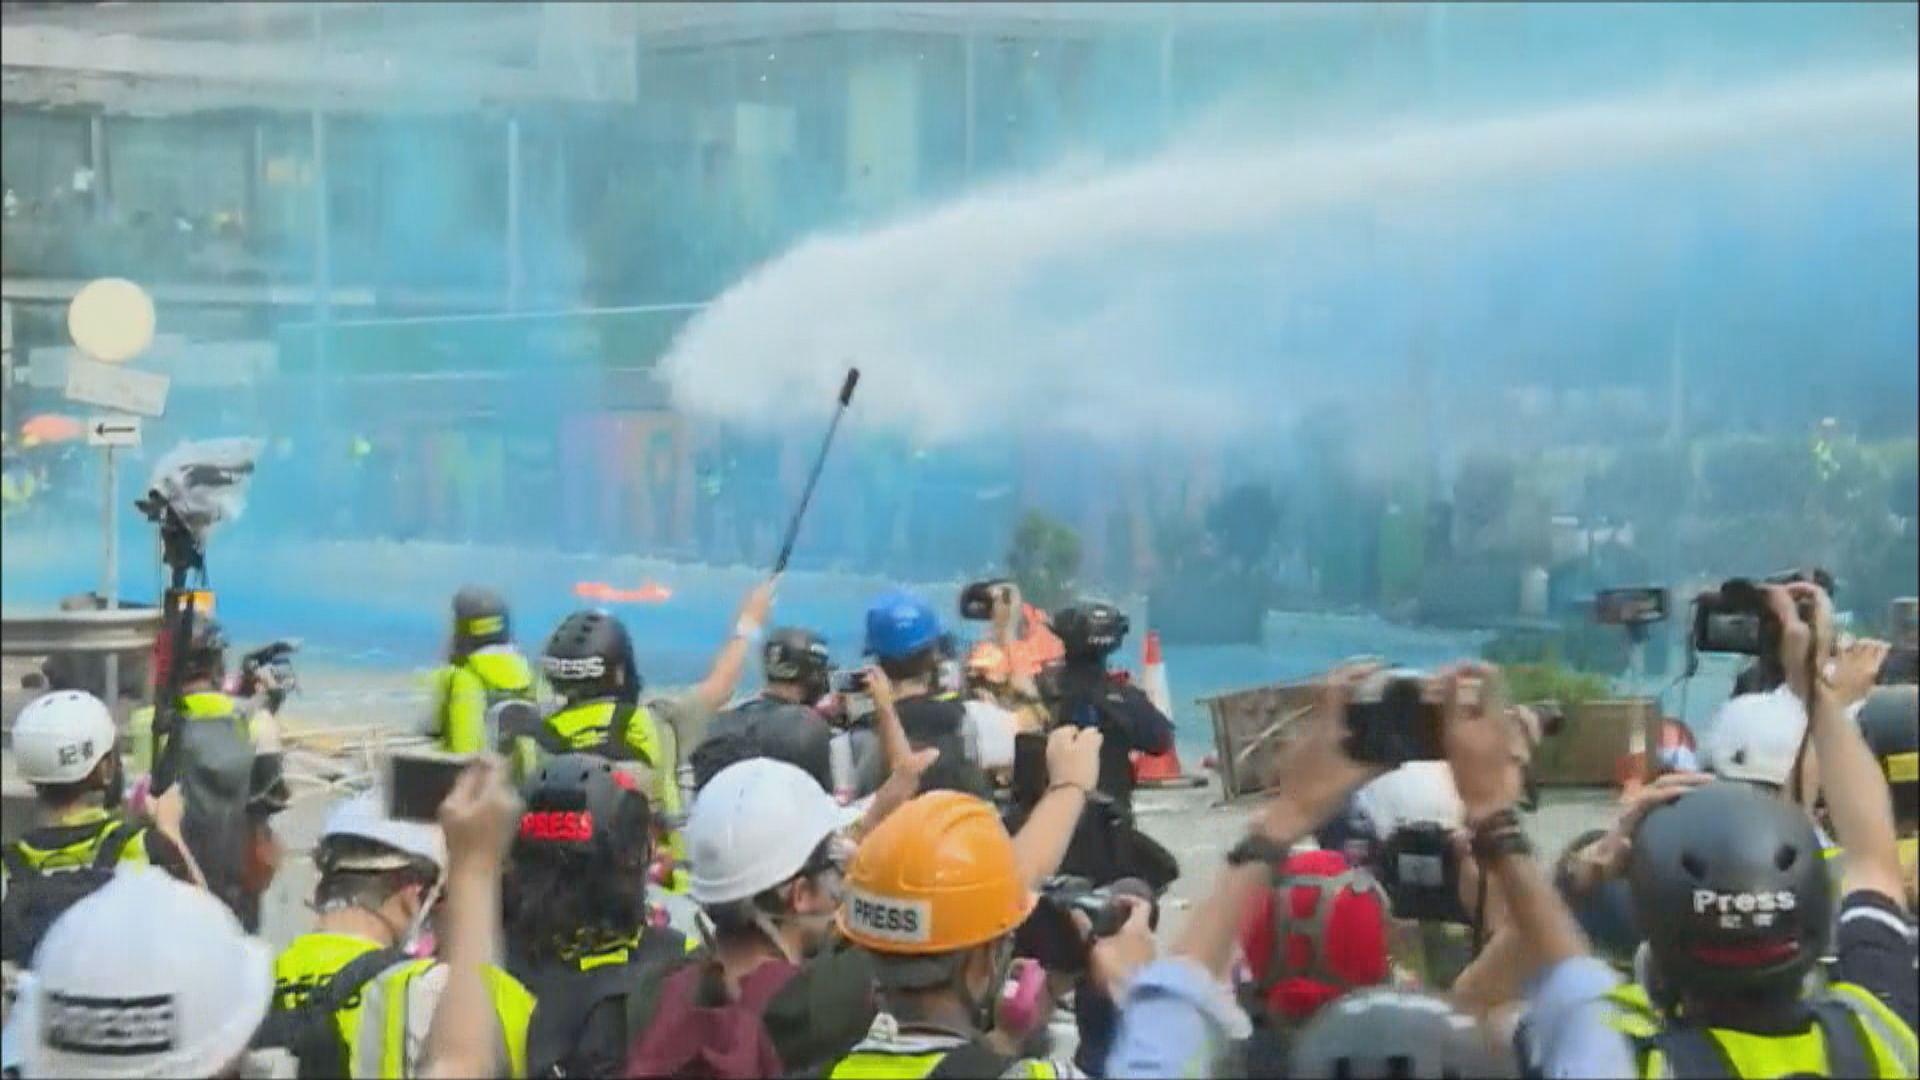 示威者於港島多處縱火堵路 警用水炮車驅散